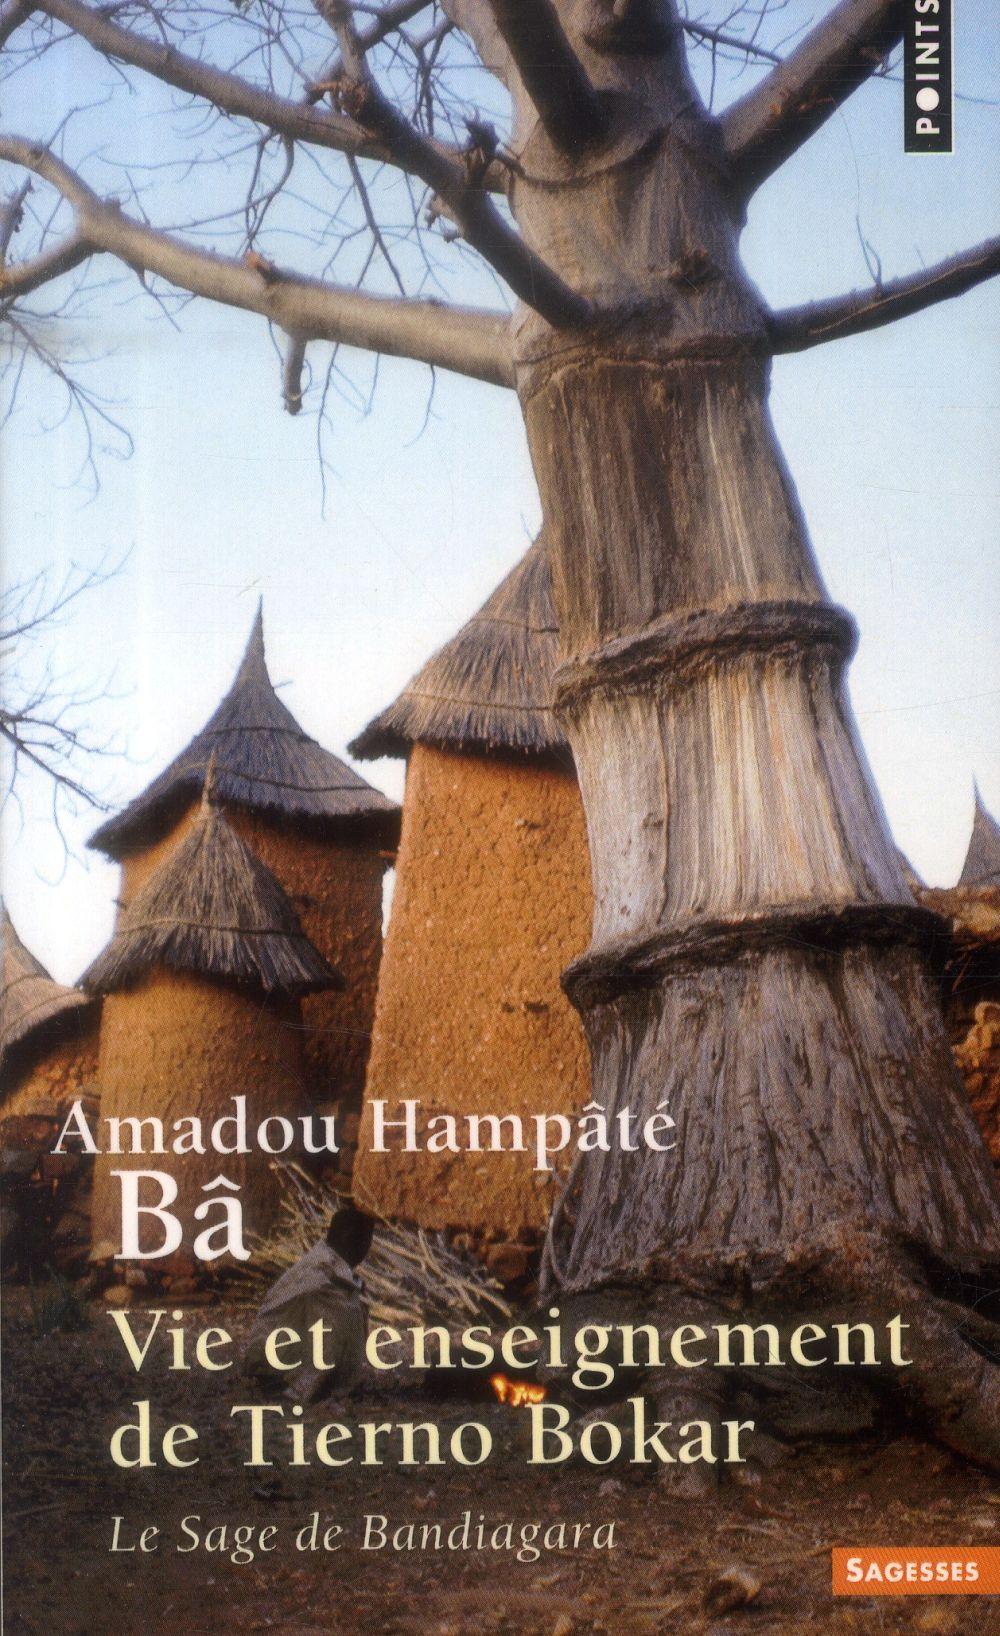 Vie et enseignement de Tierno Bokar ; le sage de Bandiagara